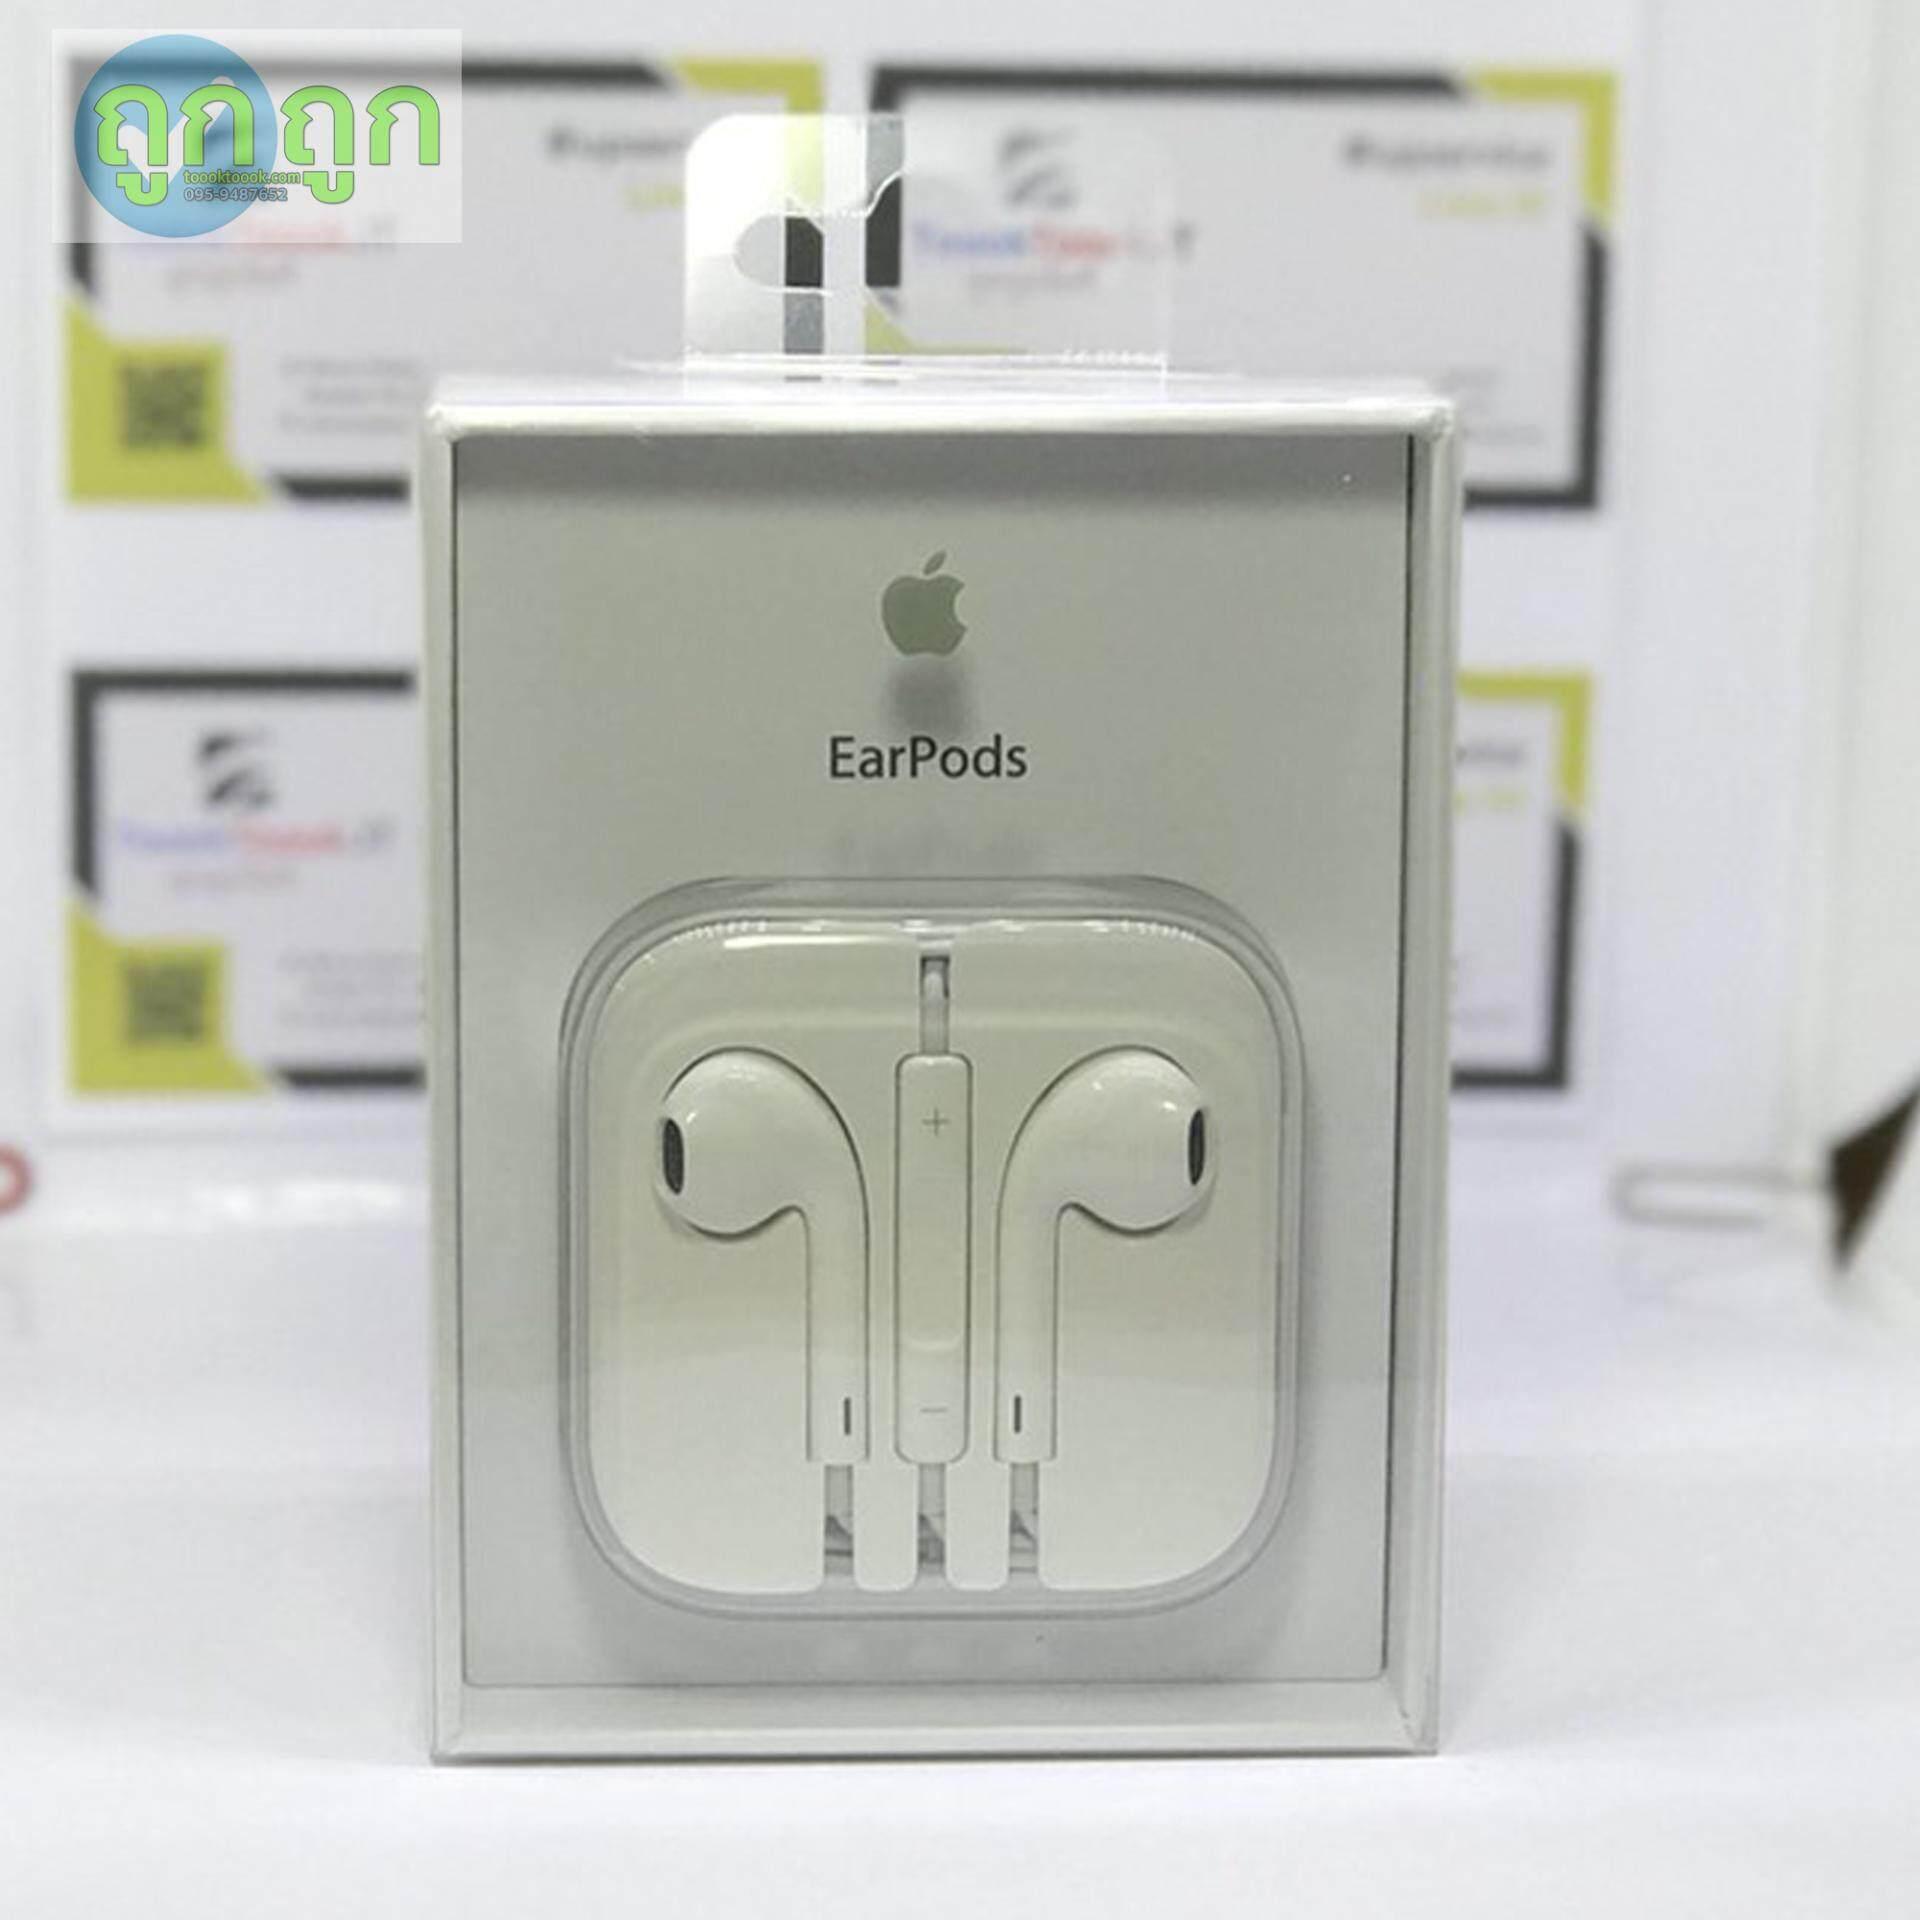 ขาย ซื้อ ออนไลน์ Apple Earpods Oem พร้อมรีโมทย์และไมโครโฟน พร้อมกล่อง